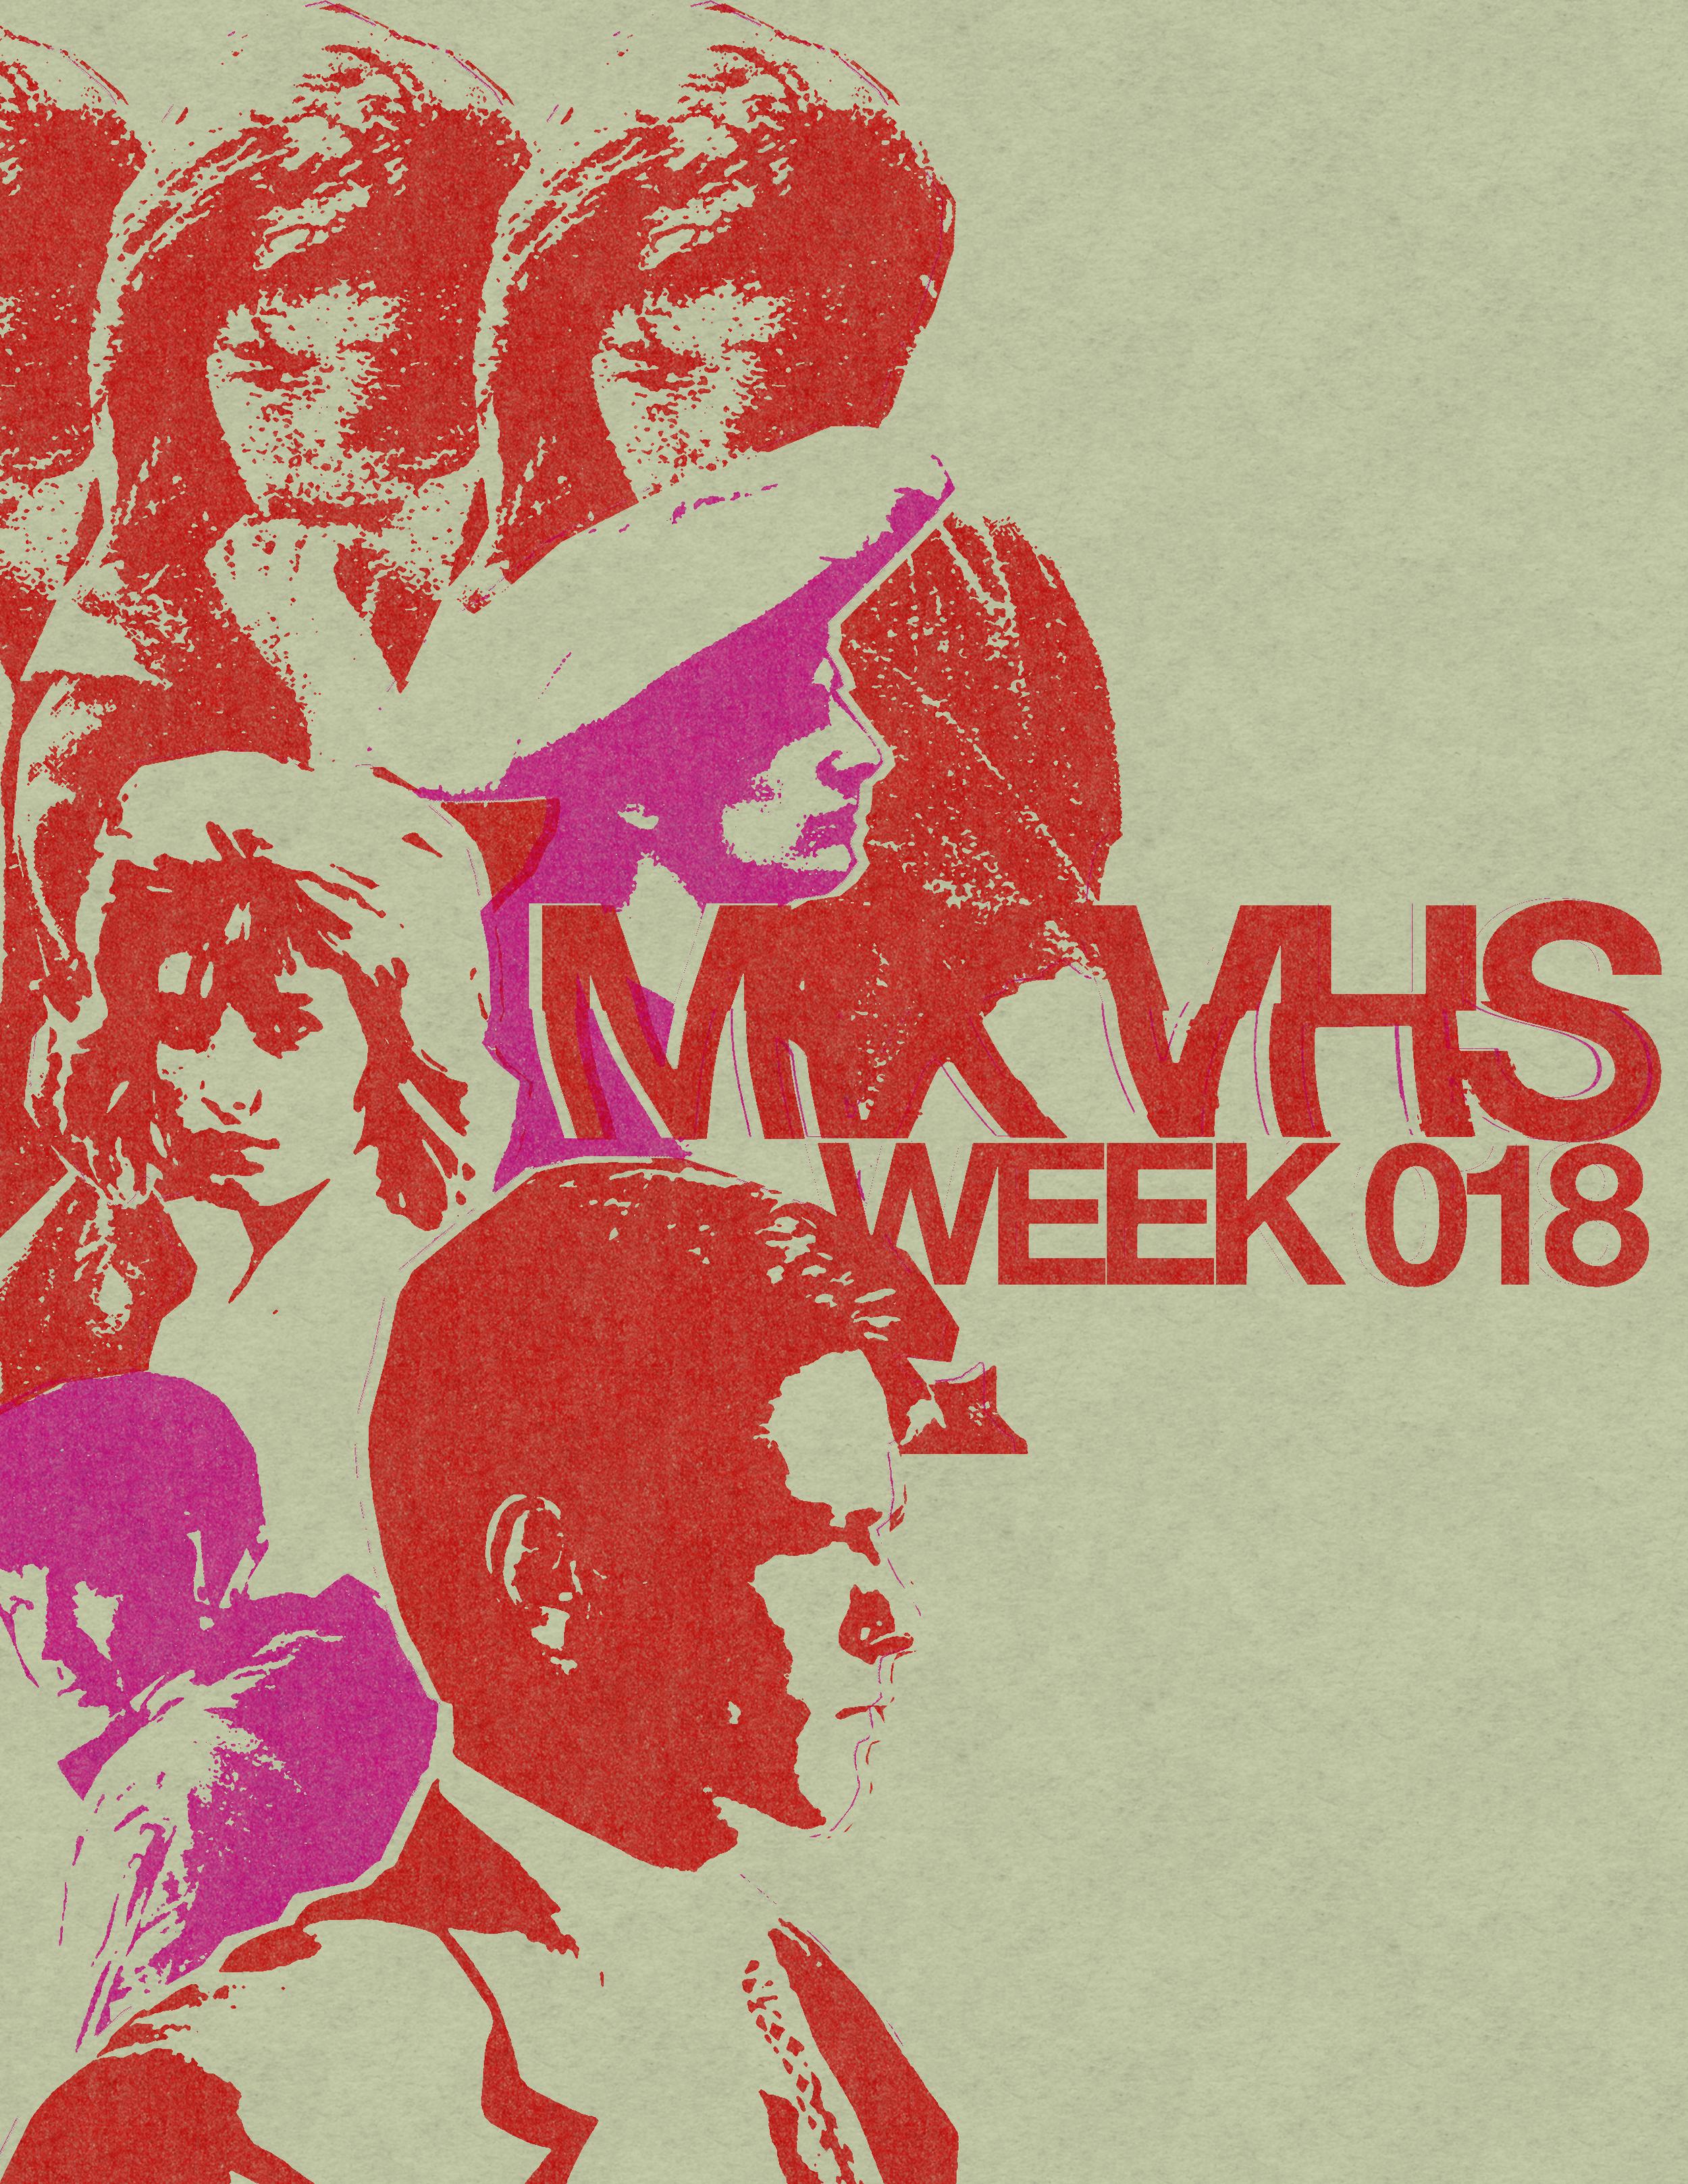 week018.png